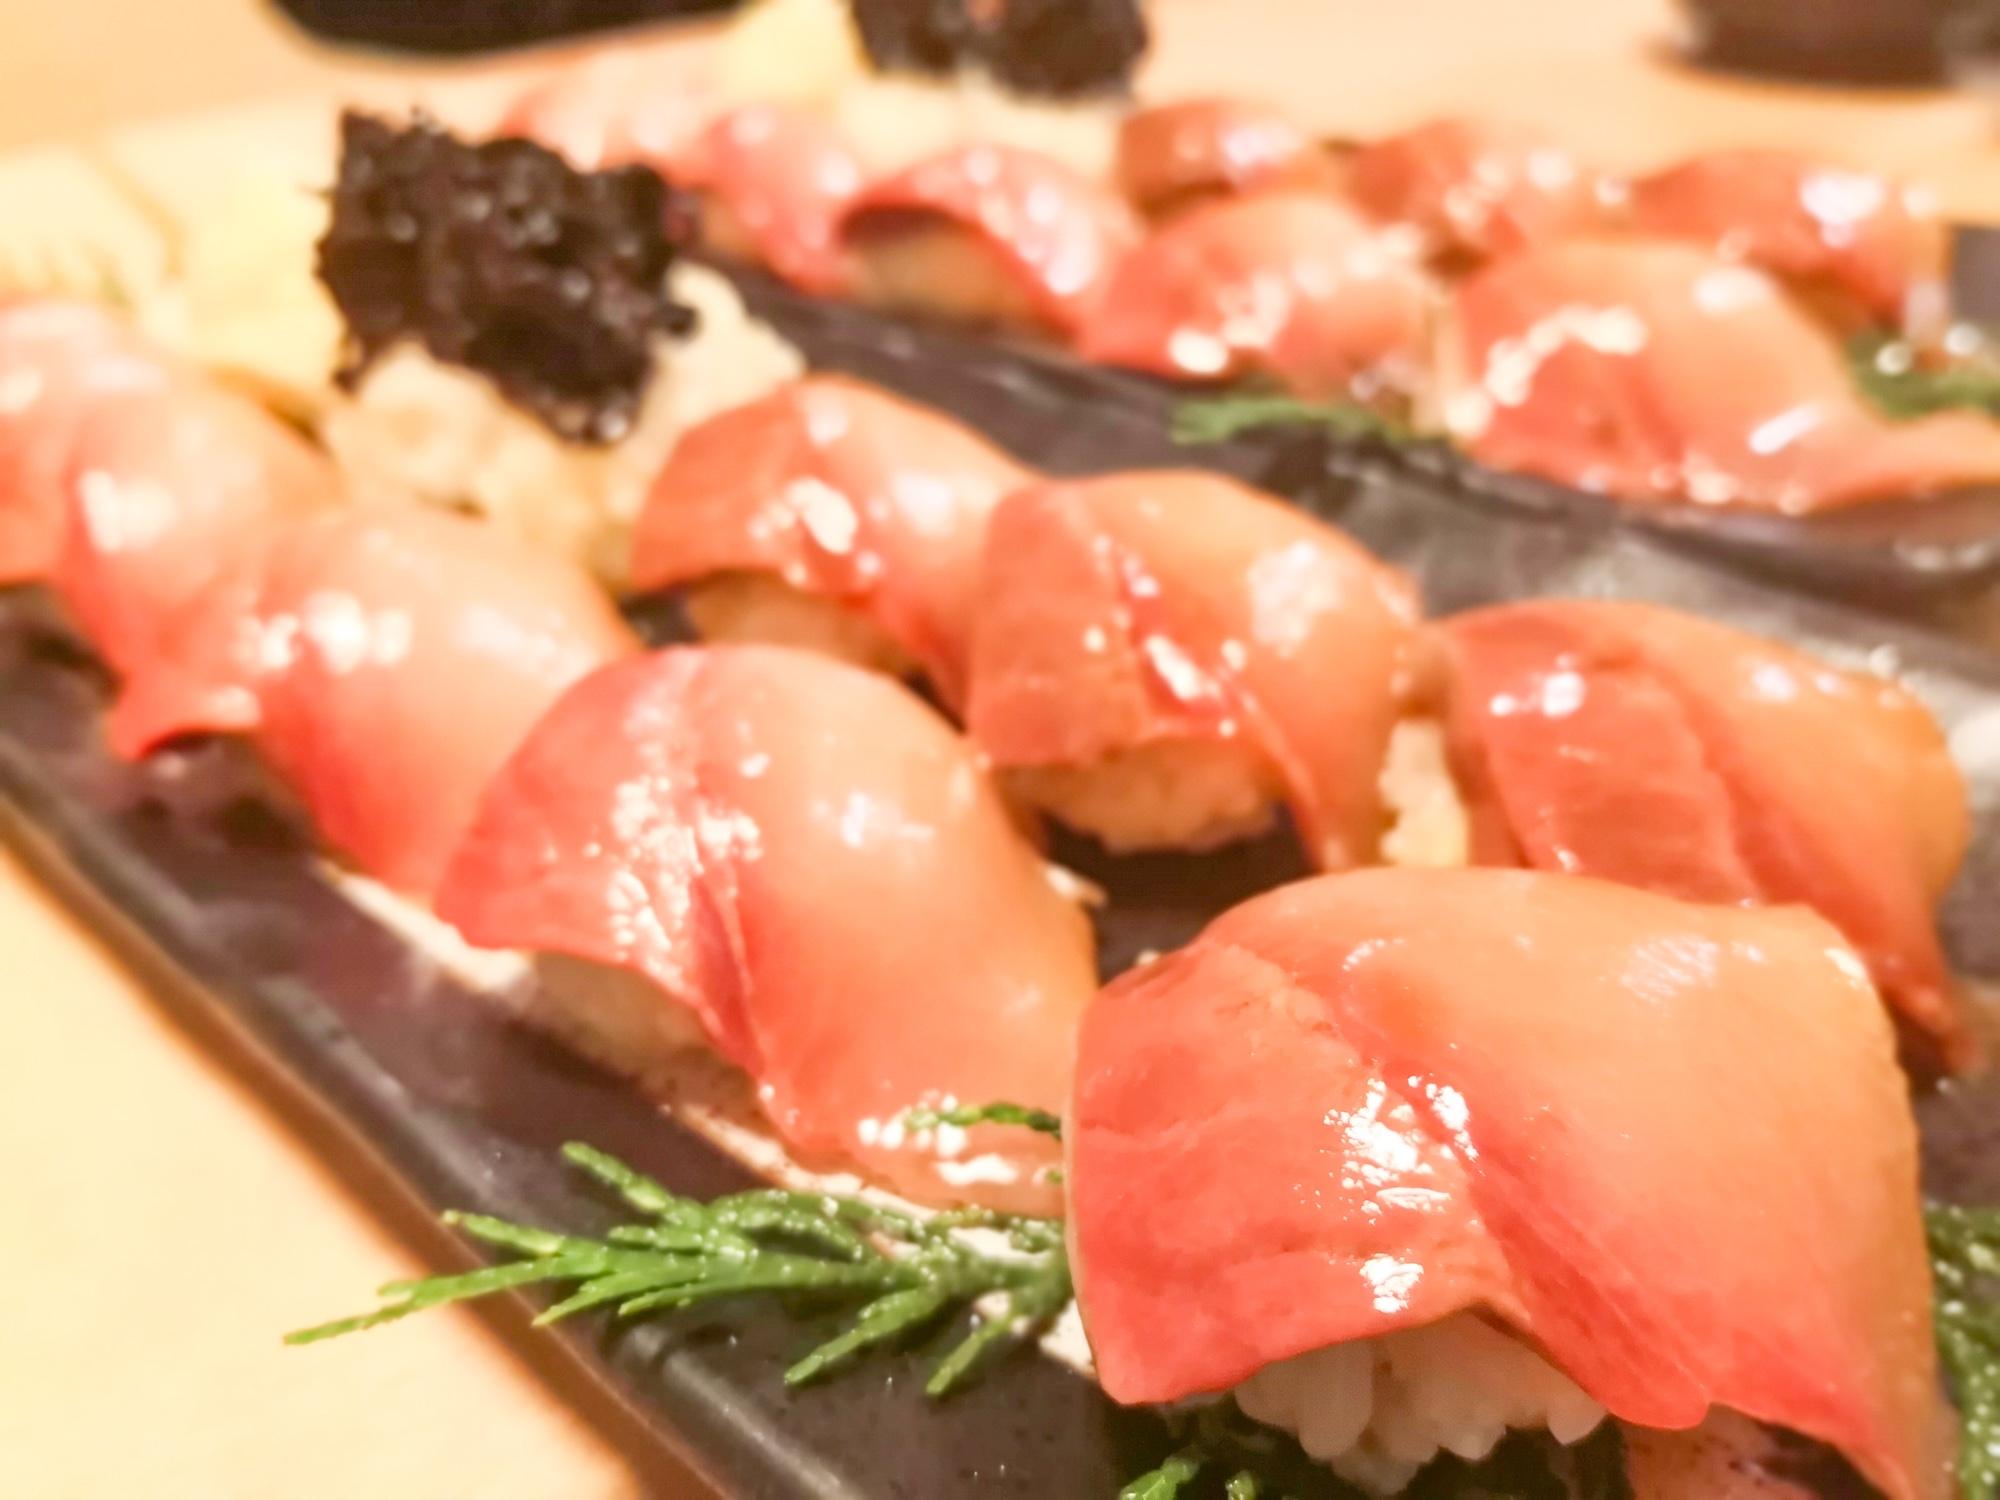 池袋 八丈島のおすすめメニュー 島寿司